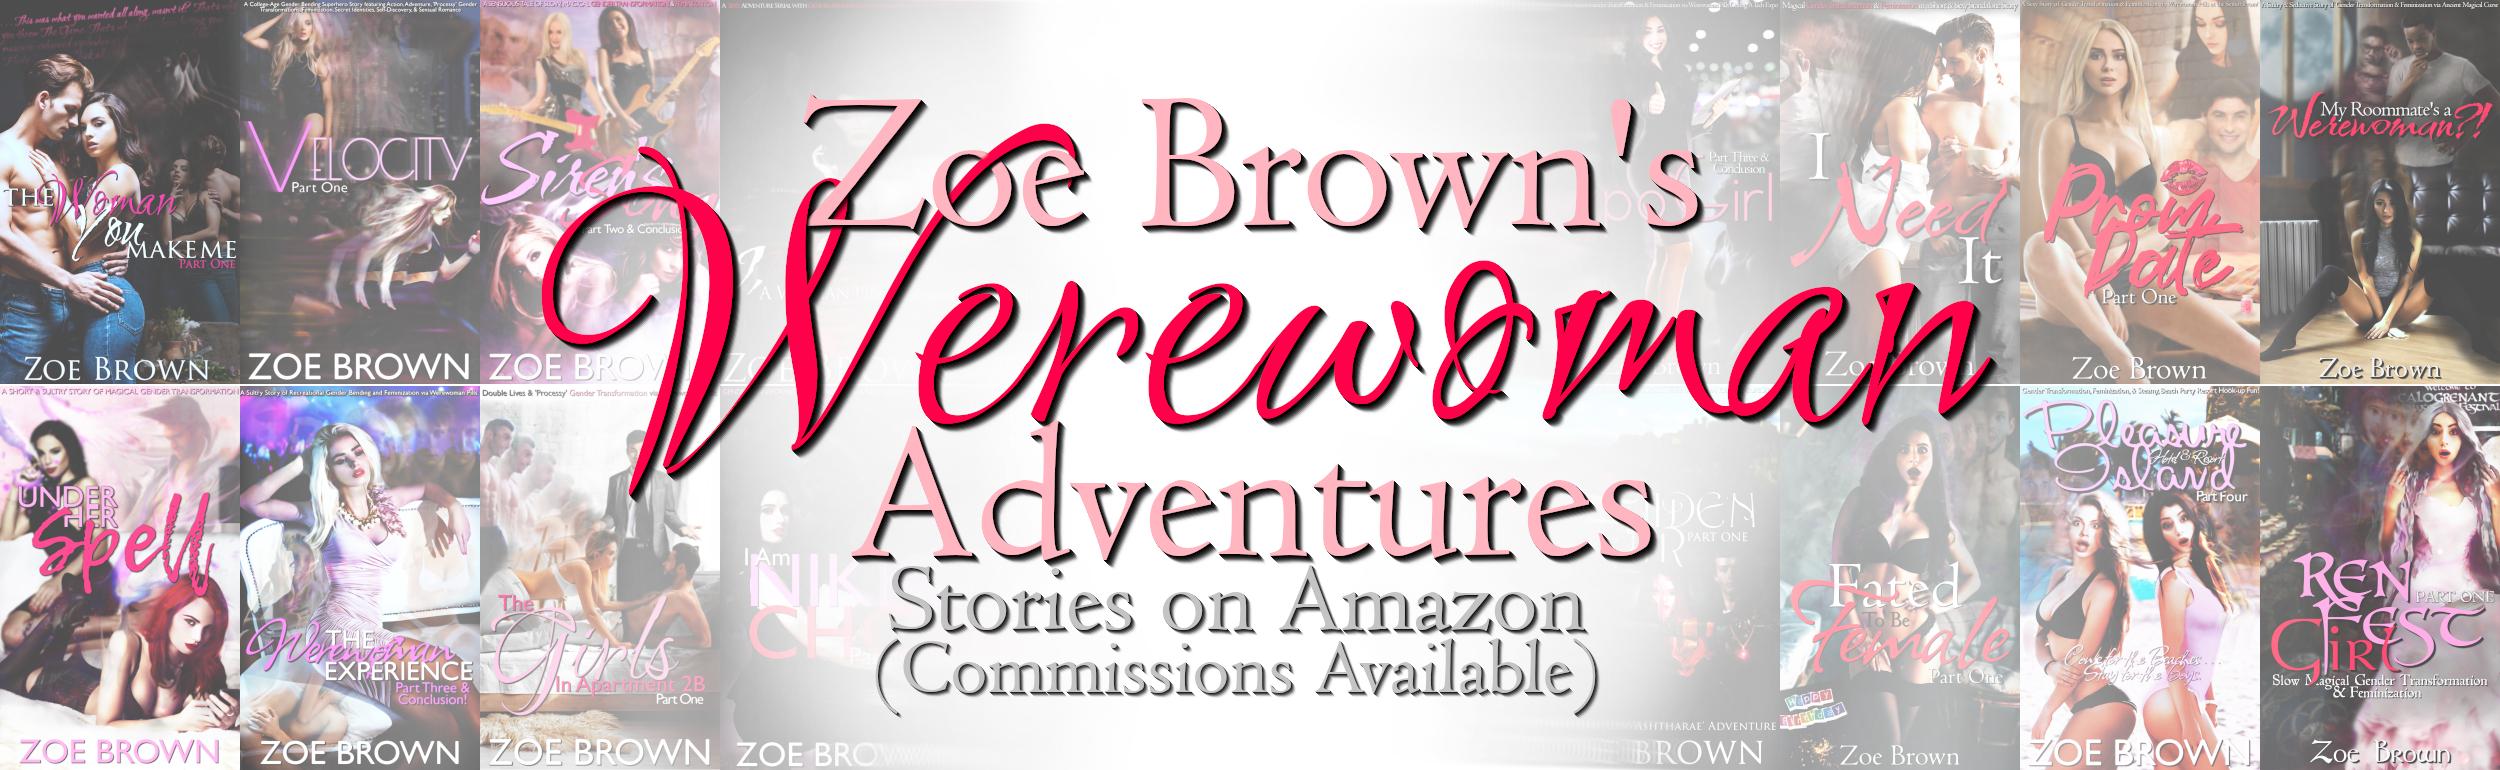 ZOE BROWN